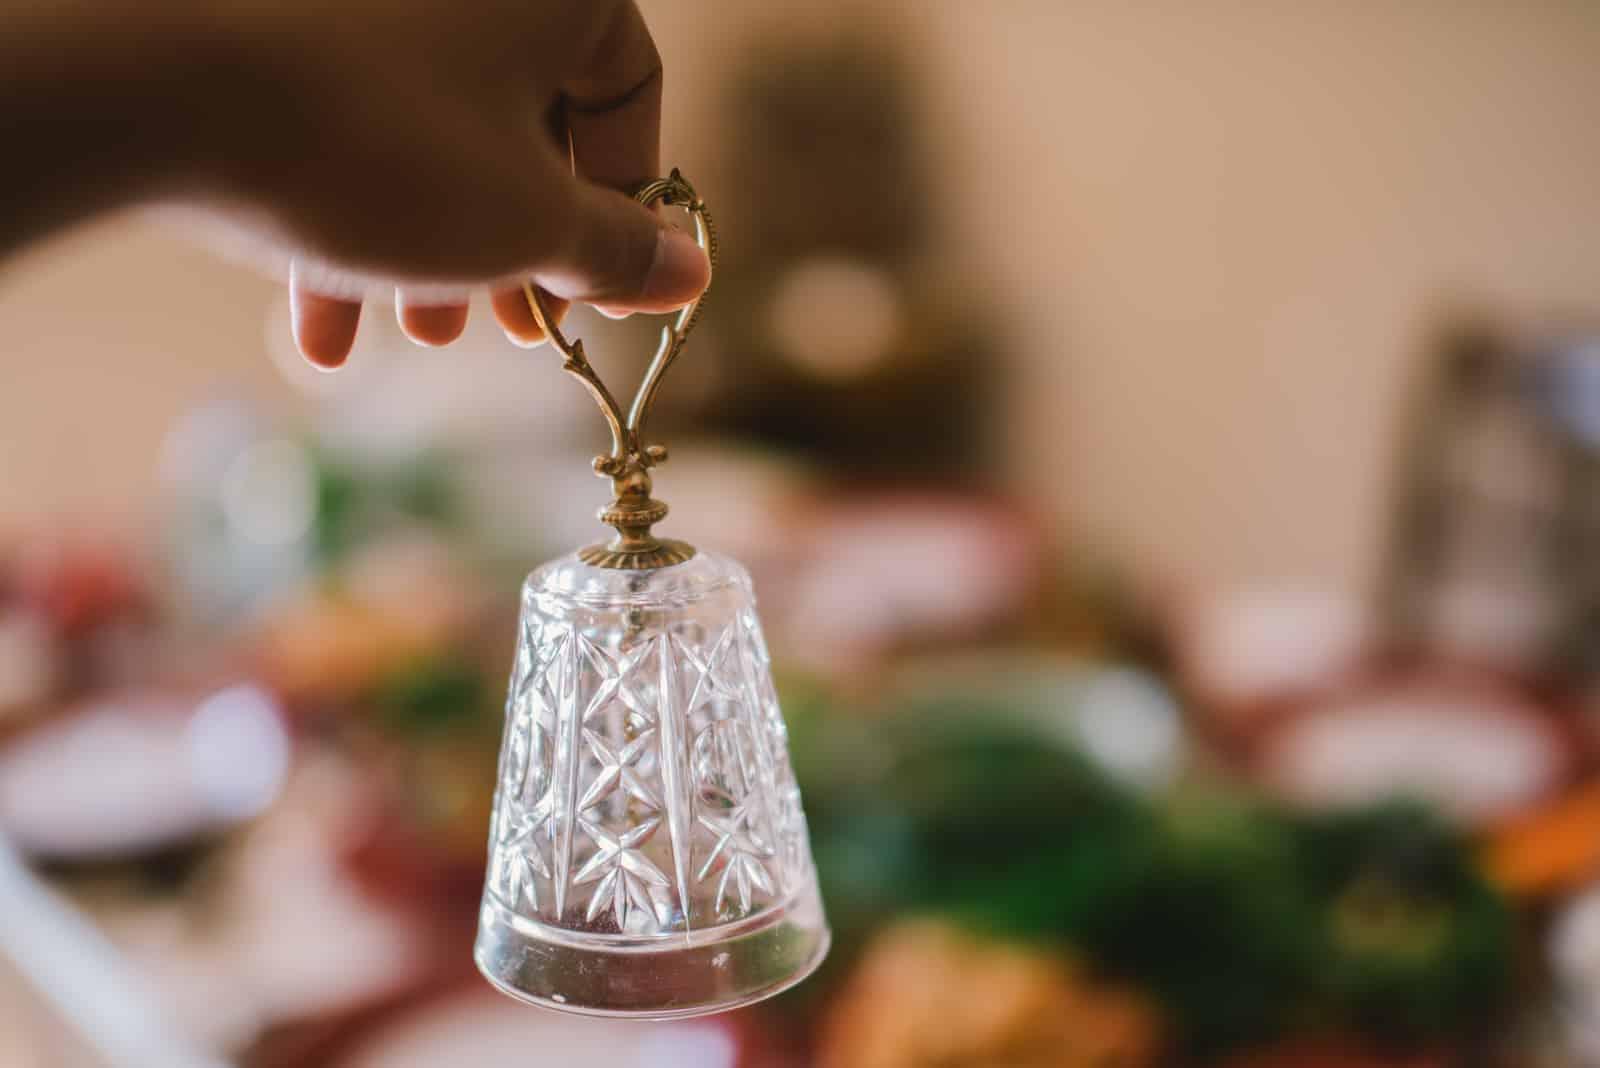 Kleine Glocke auf dem Tisch